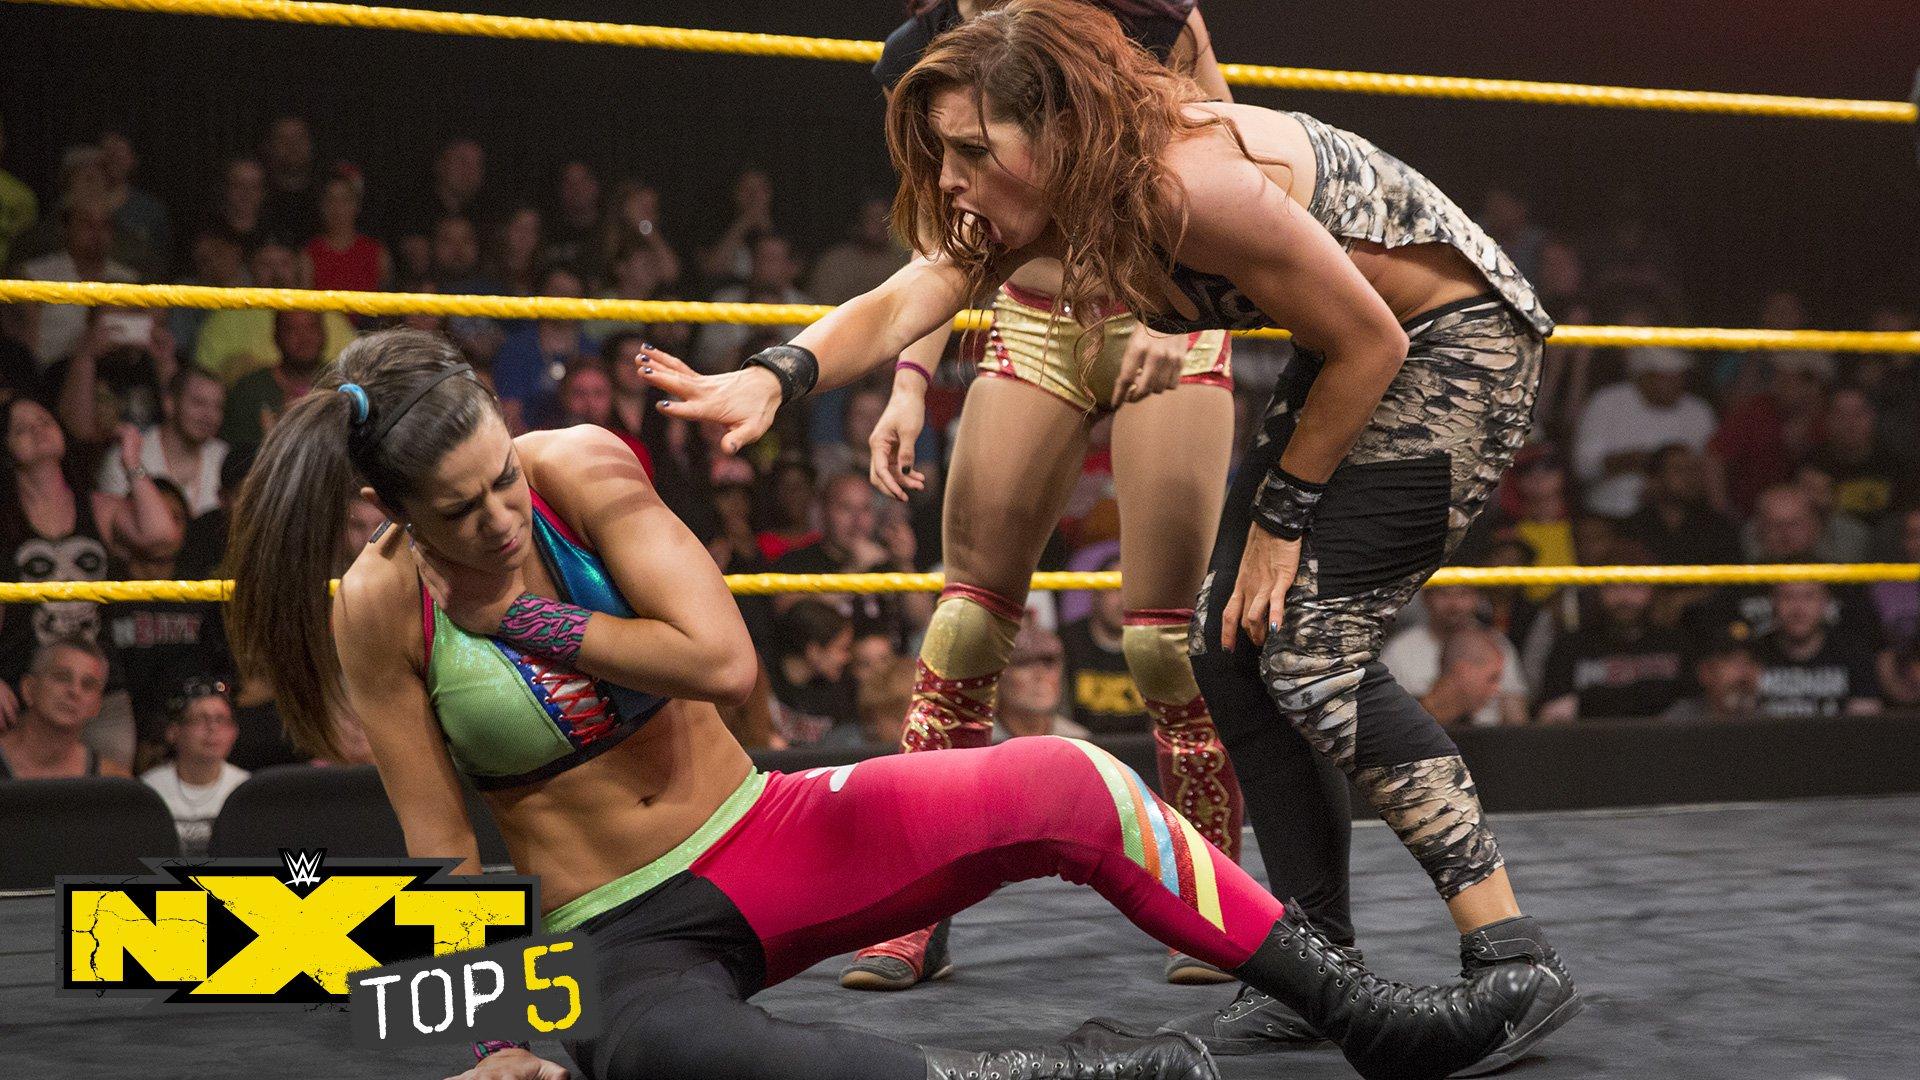 Les trahisons les plus sauvages: NXT Top 5,  28 Août 2018